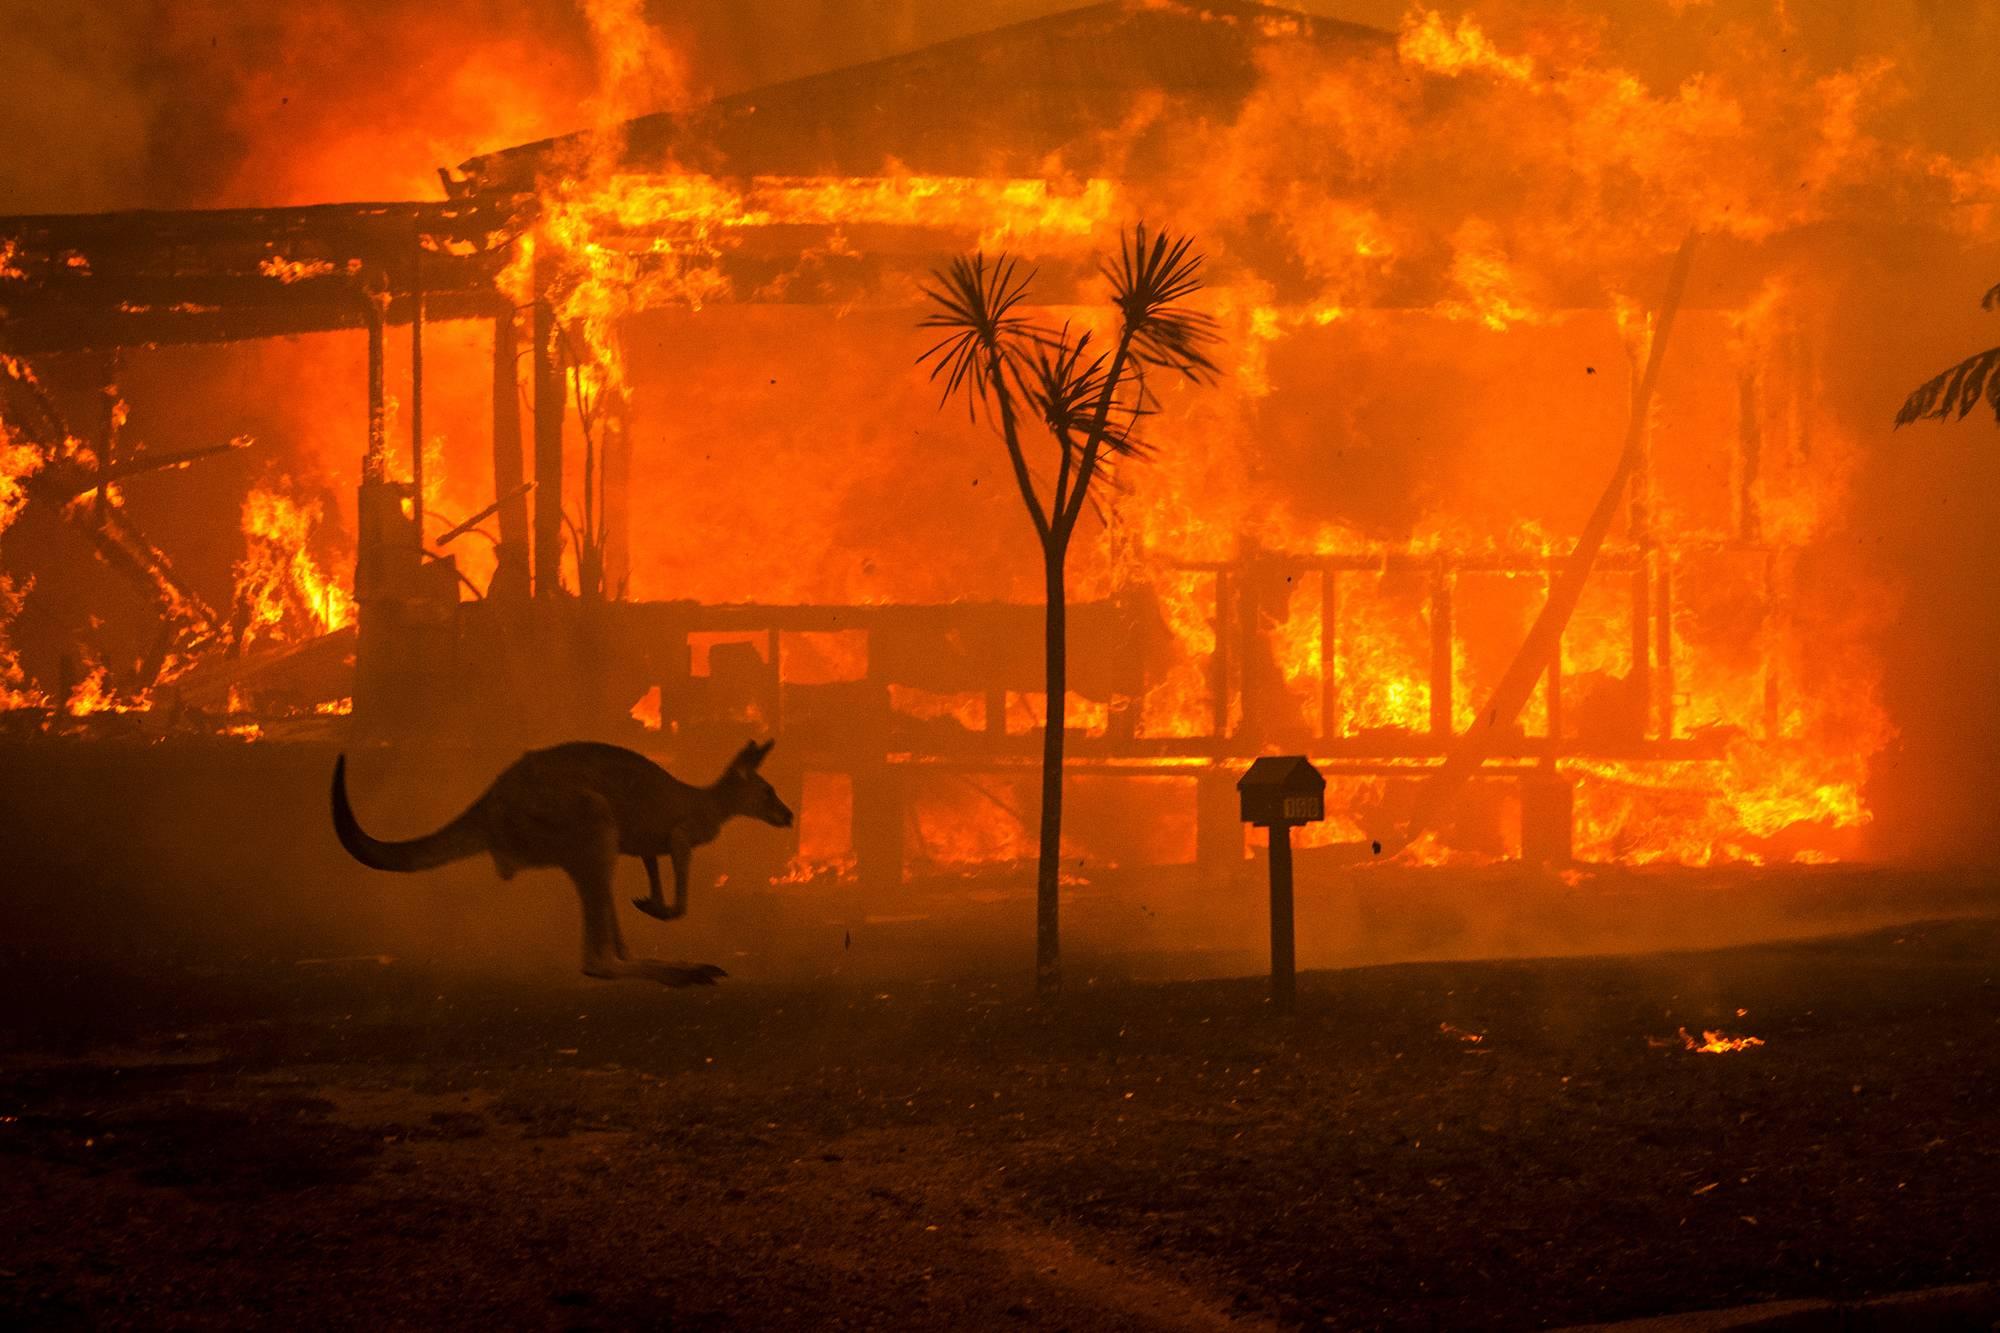 Talot paloivat Lake Conjolan suositulla turistialueella. Kenguruiden ja muiden nisäkkäiden lisäksi paloista ovat kärsineet muun muassa uhanalaiset matelijat. Erityisen haavoittuvassa asemassa ovat lajit, jotka ovat sopeutuneet elämään sademetsissä. Tuli ja kuumuus vaurioittavat niiden elinympäristöä herkemmin kuin esimerkiksi savannia, eivätkä sademetsät välttämättä toivu.